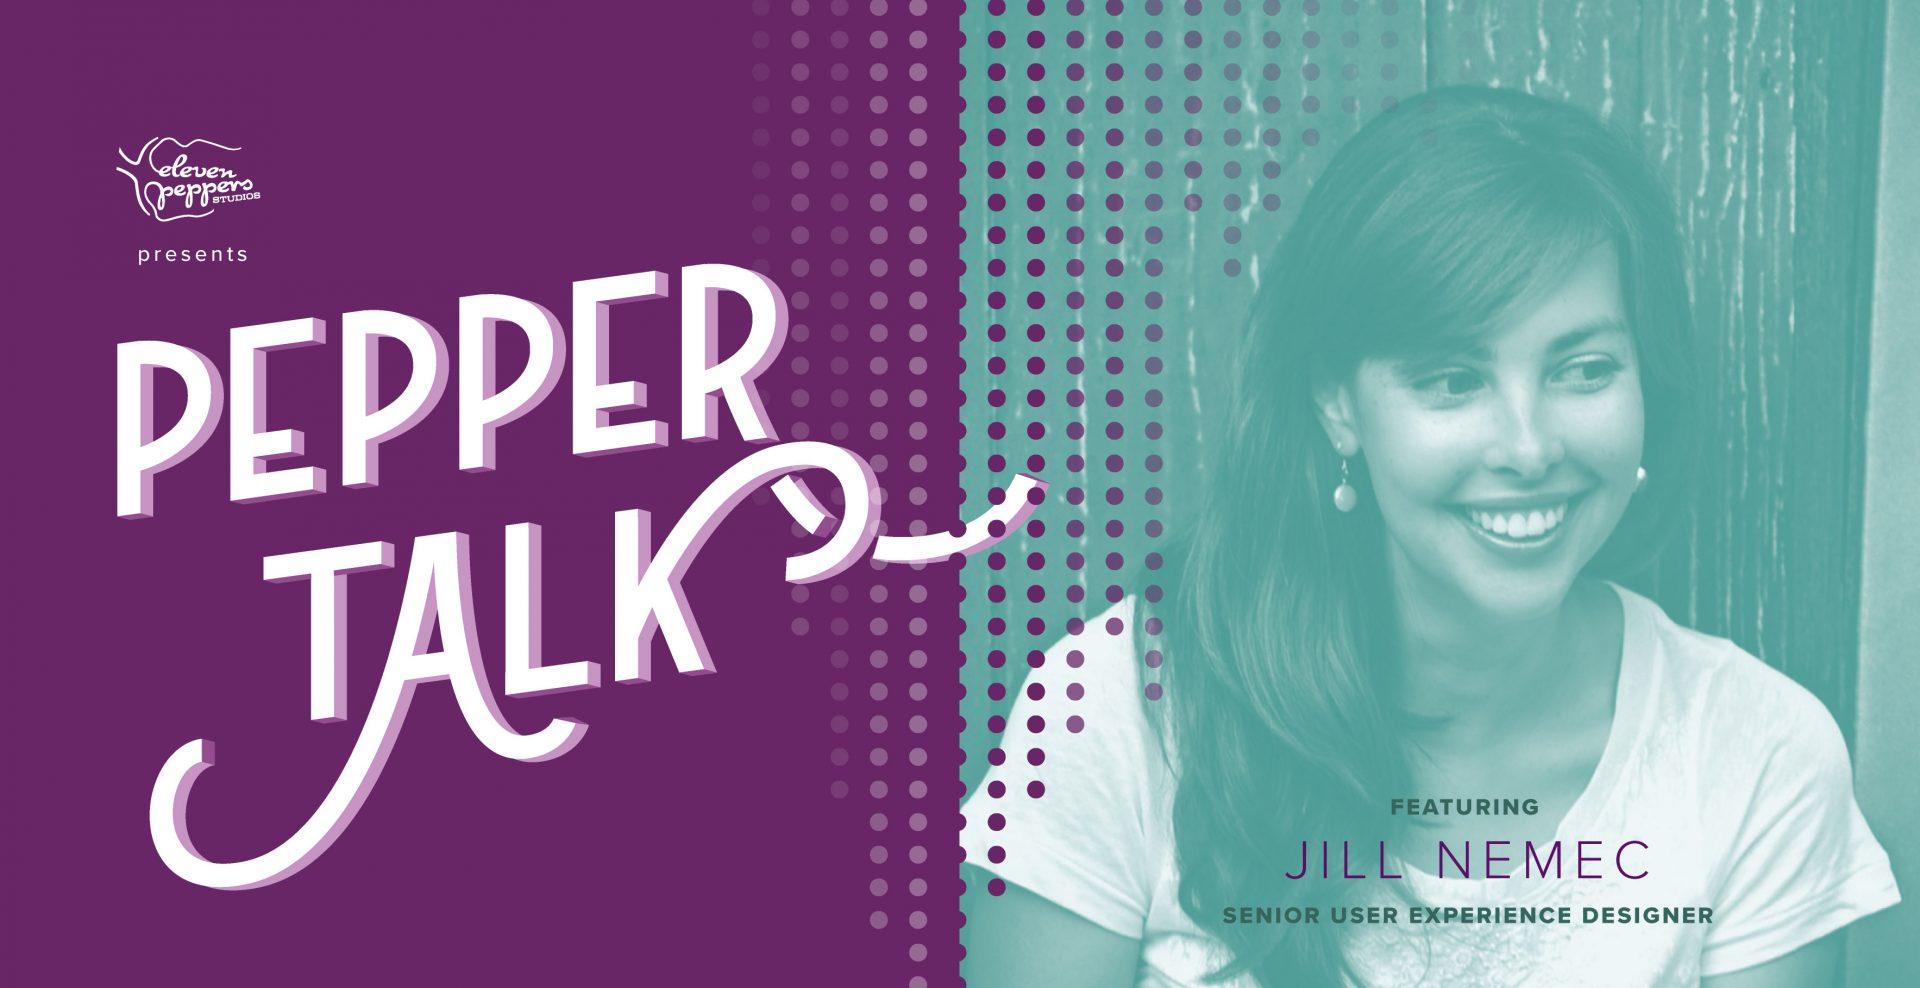 Pepper Talk with Jill Nemec